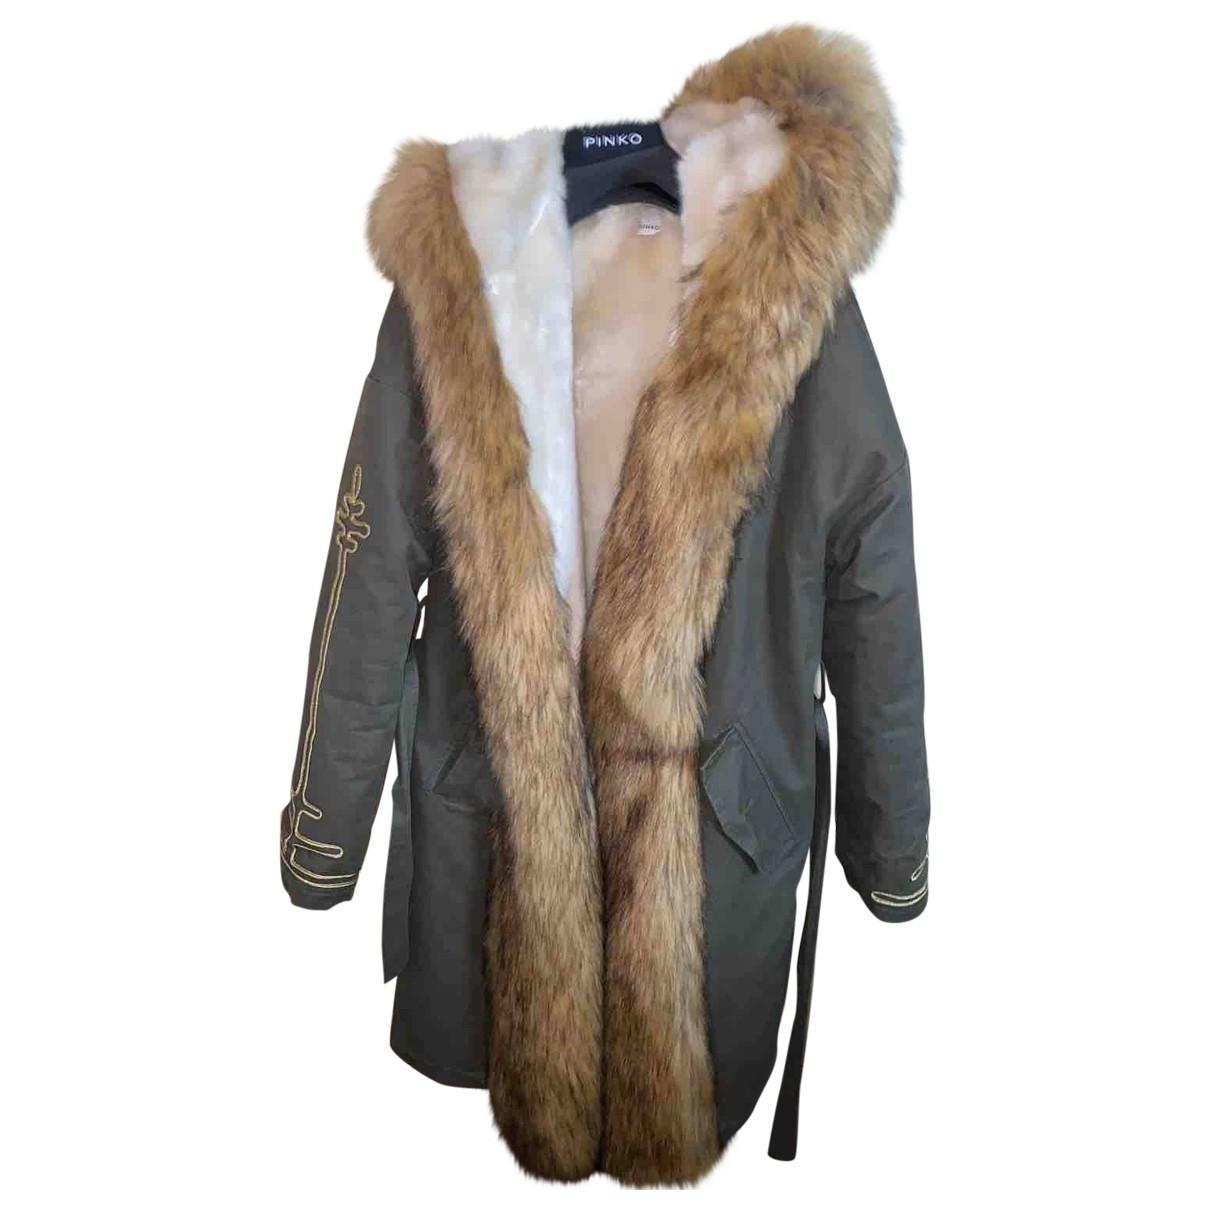 Pinko \N Green Faux fur coat for Women L International